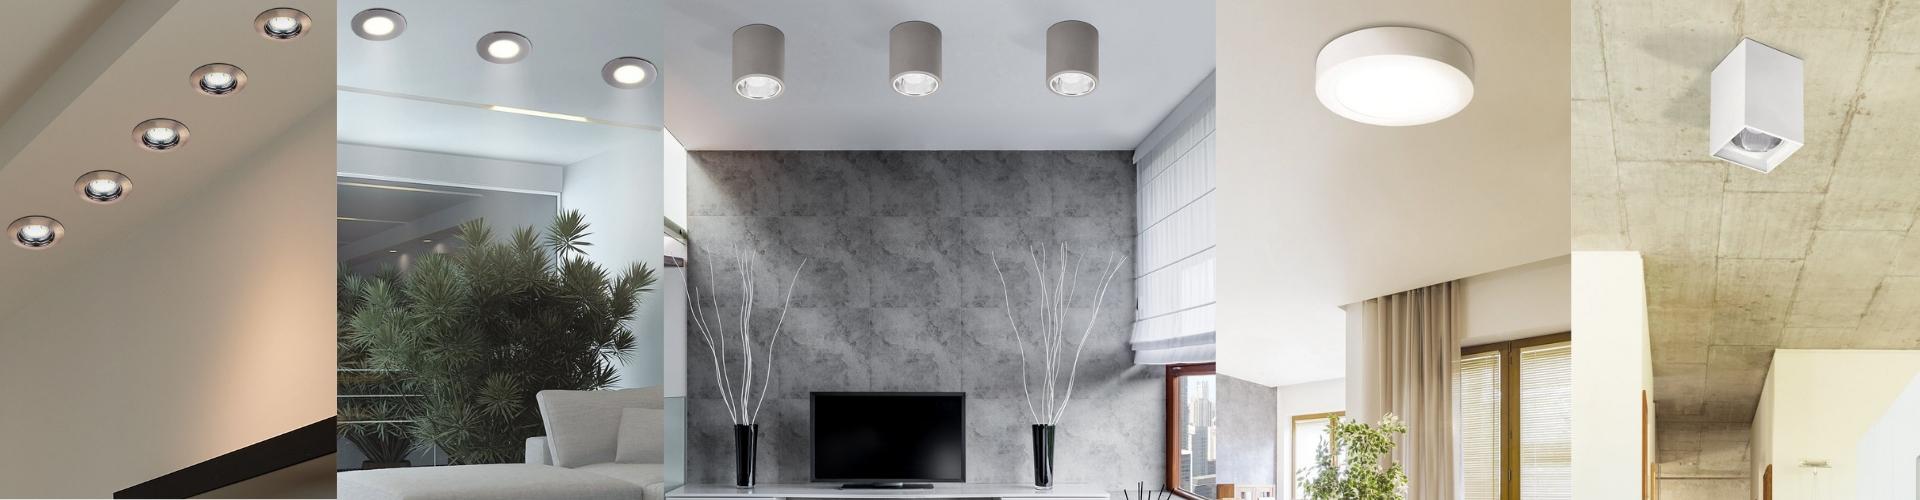 Ráépíthető és Beépíthető lámpa